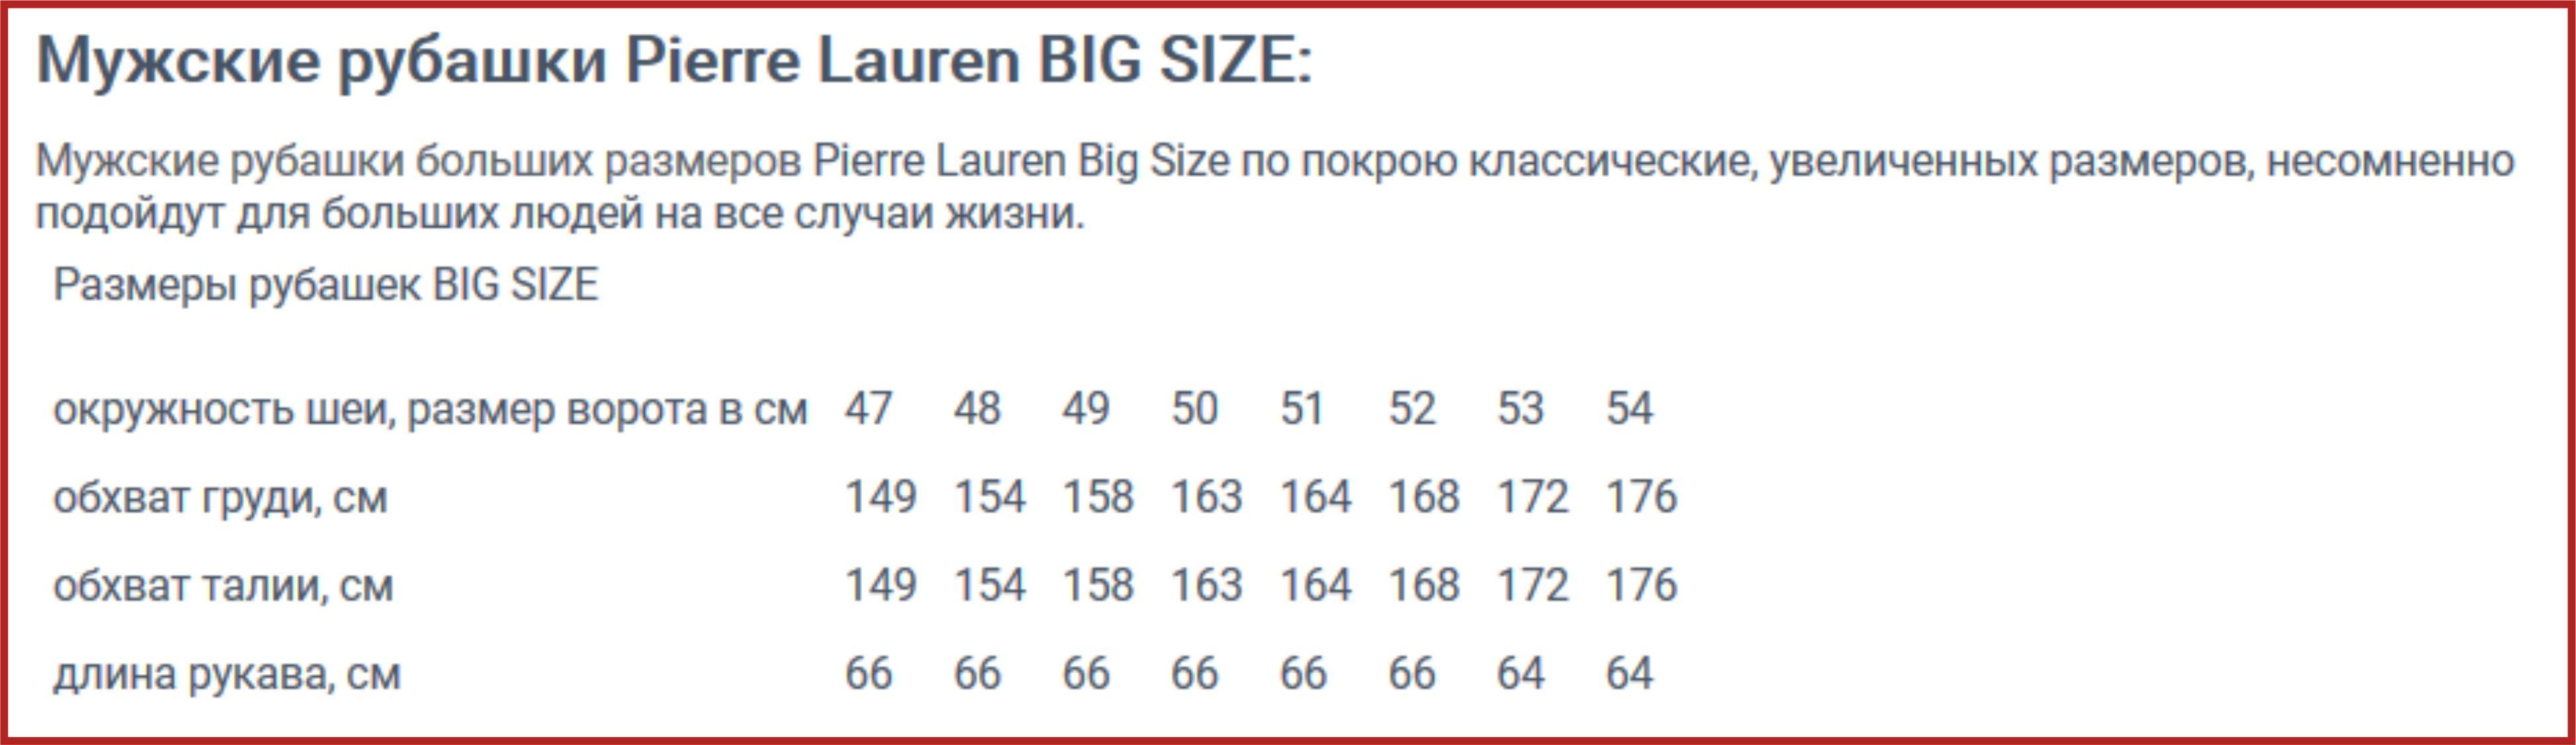 Рубашка PIERRE LAUREN большие размеры арт.-0228БР_1